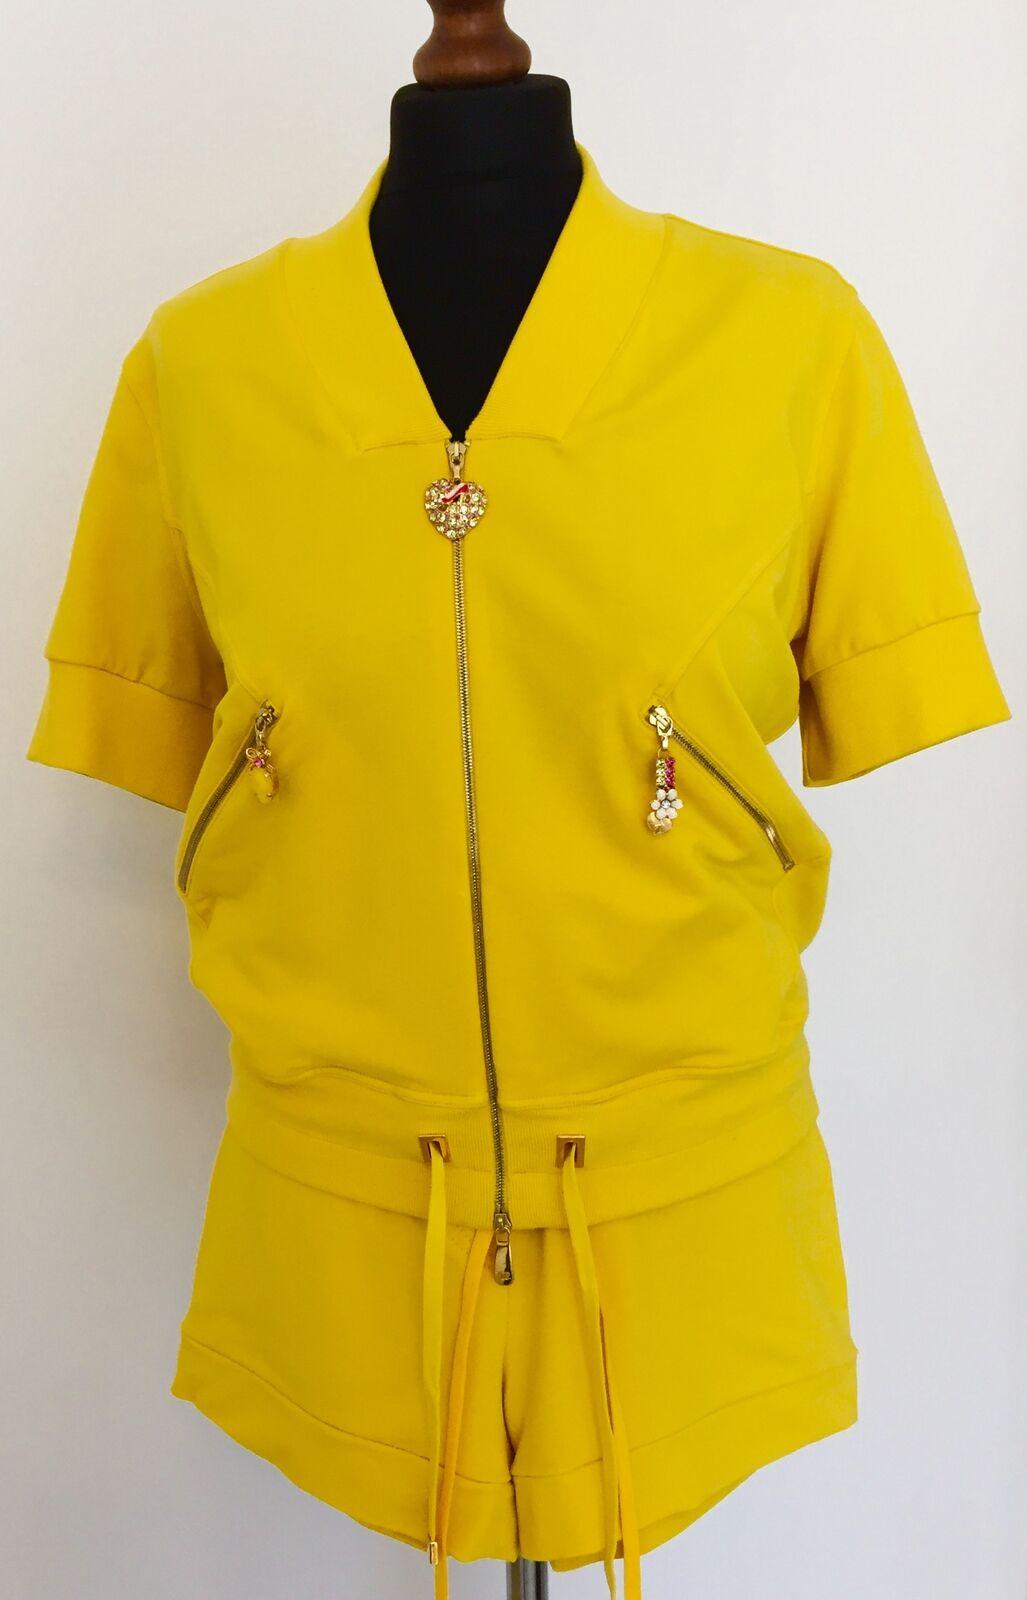 VDP VIA DELLE PERLA giallo viscosa Fashion Tuta Pantaloni Jumper Set...